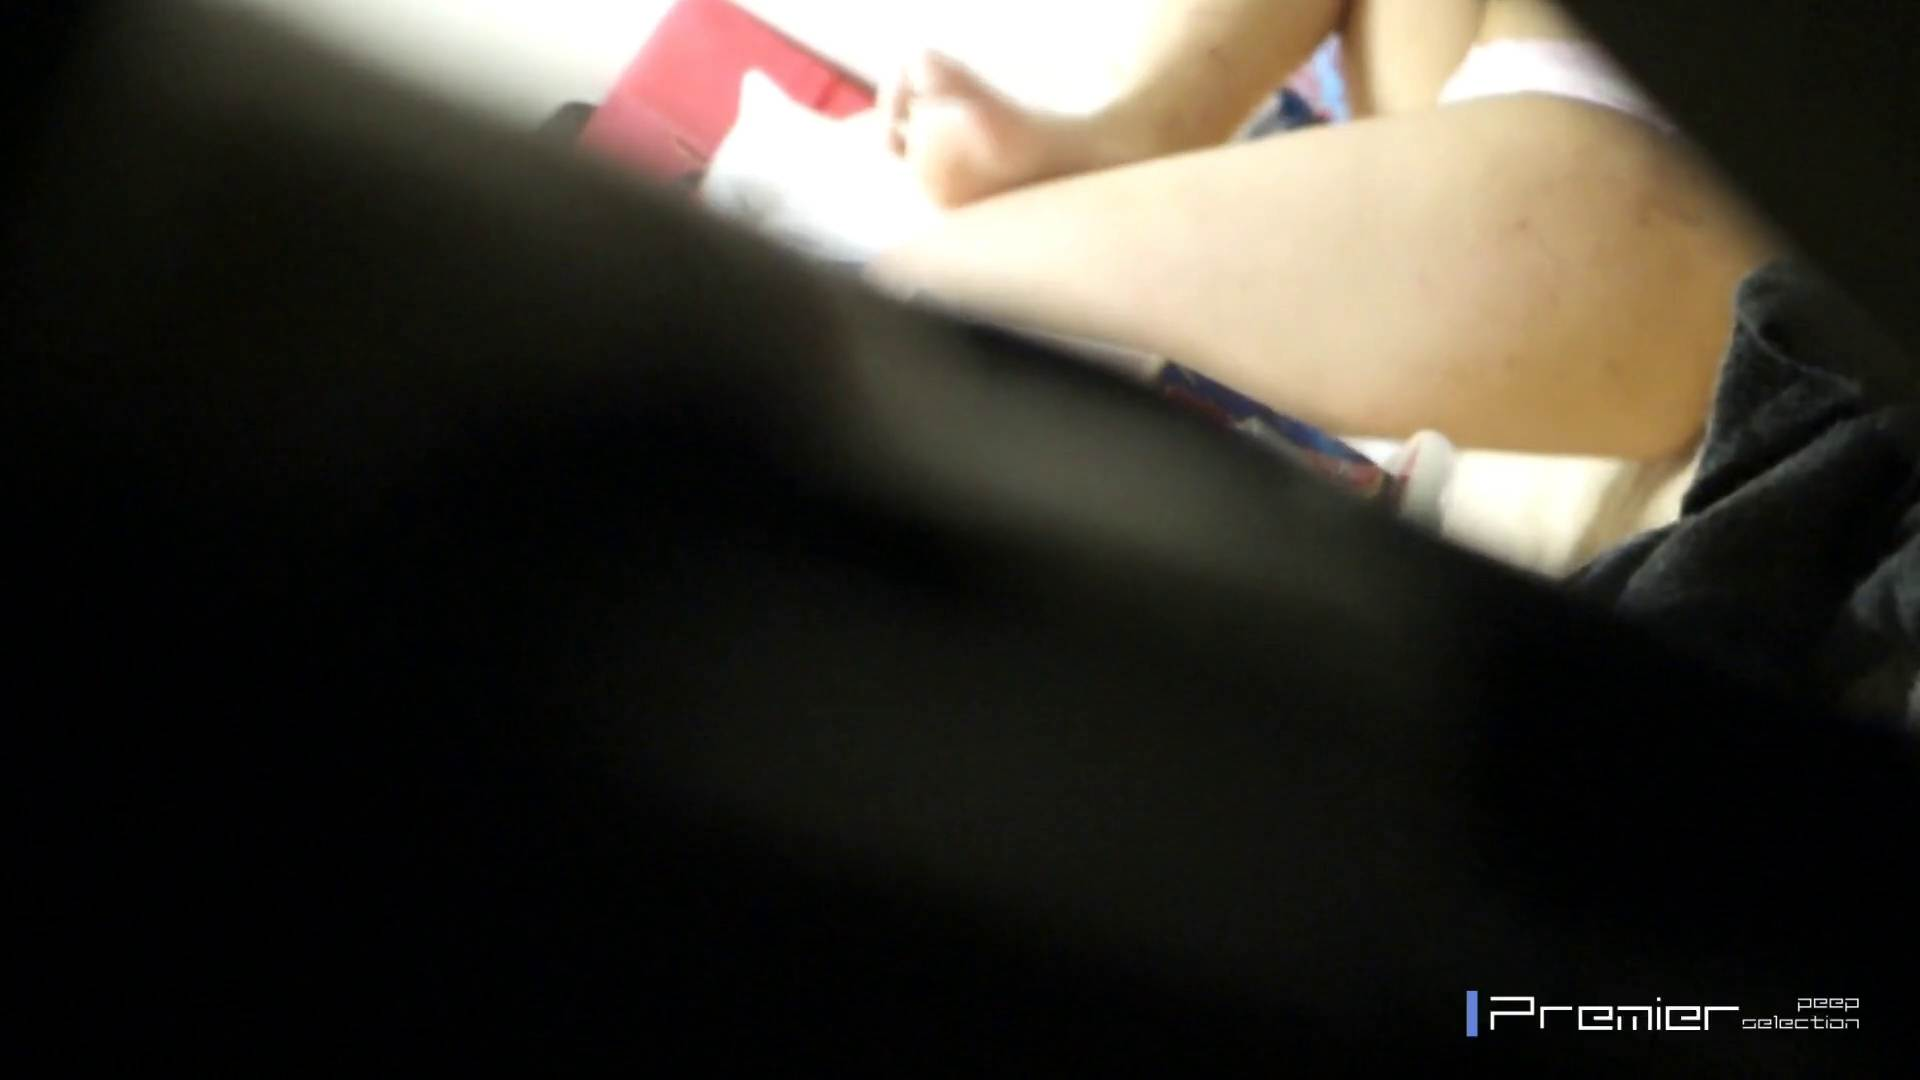 マニア必見!ポチャ達のカーニバル美女達の私生活に潜入! 潜入 盗撮オメコ無修正動画無料 99pic 46